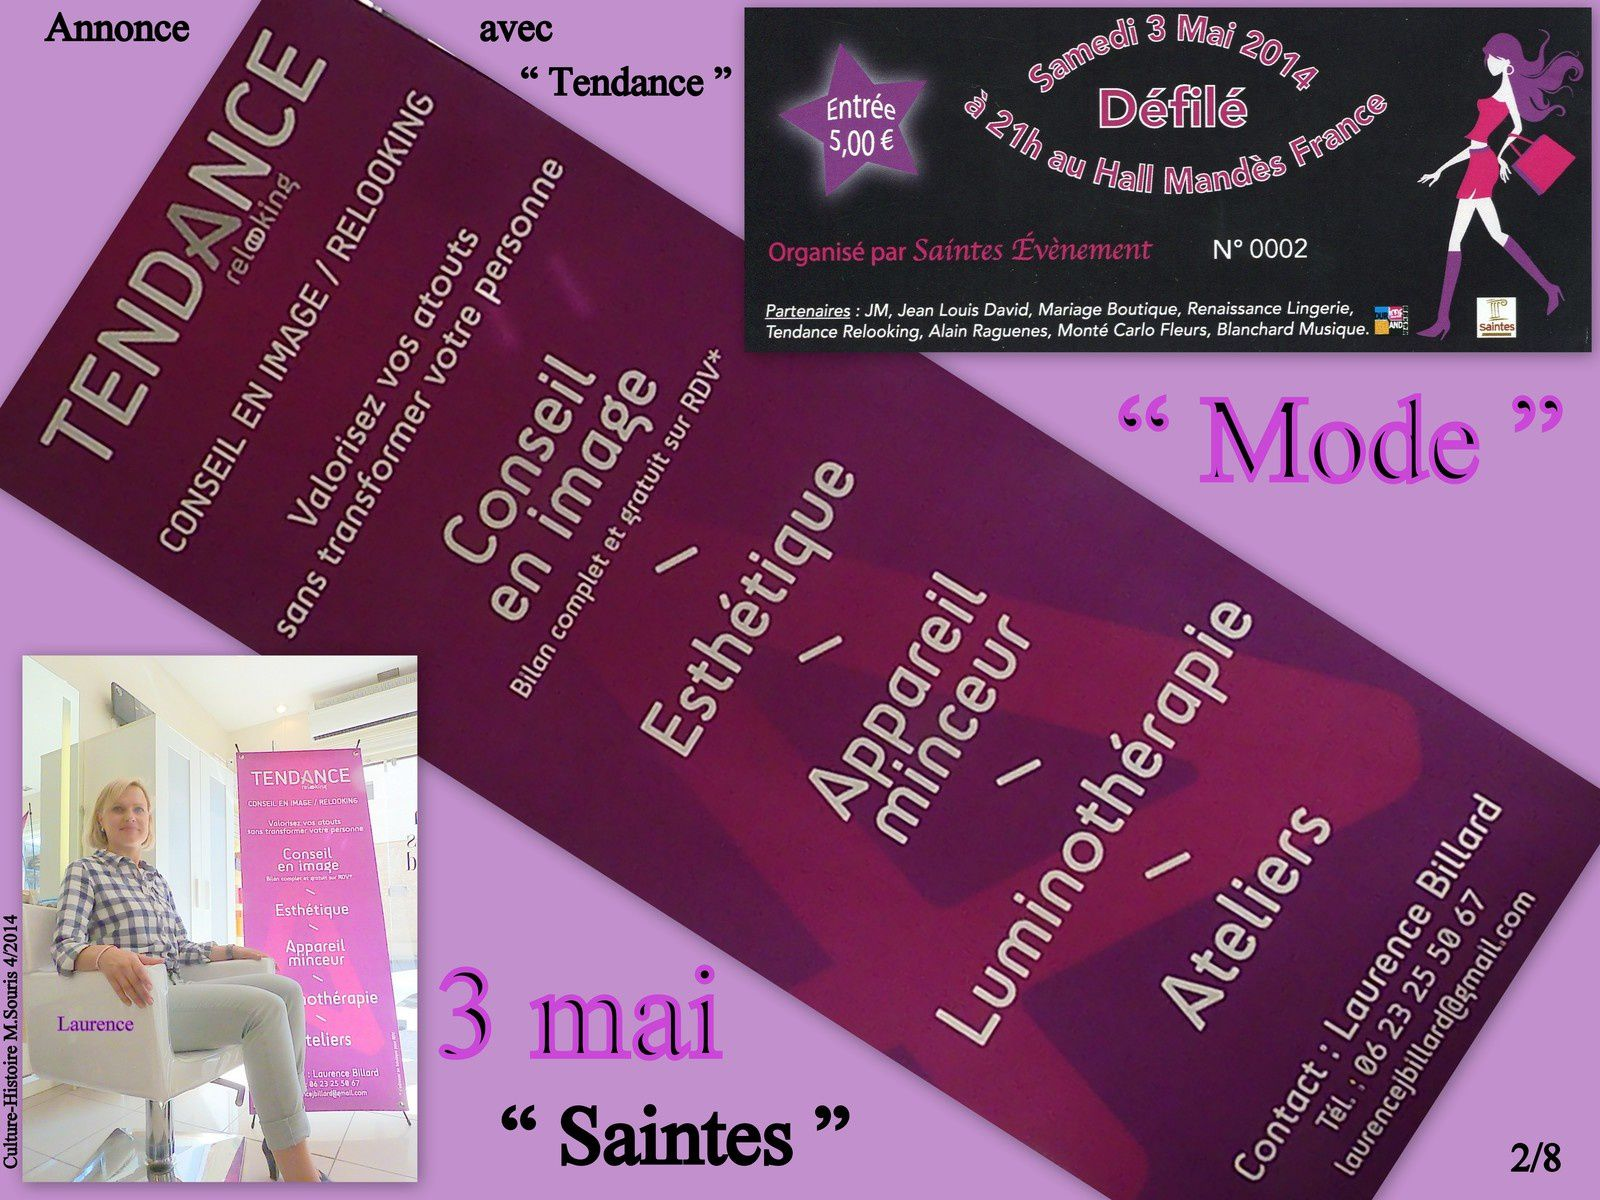 16 - Objet postal perdu - La mode annoncée par Laurence -  Josiane Balasko tourne à Saintes